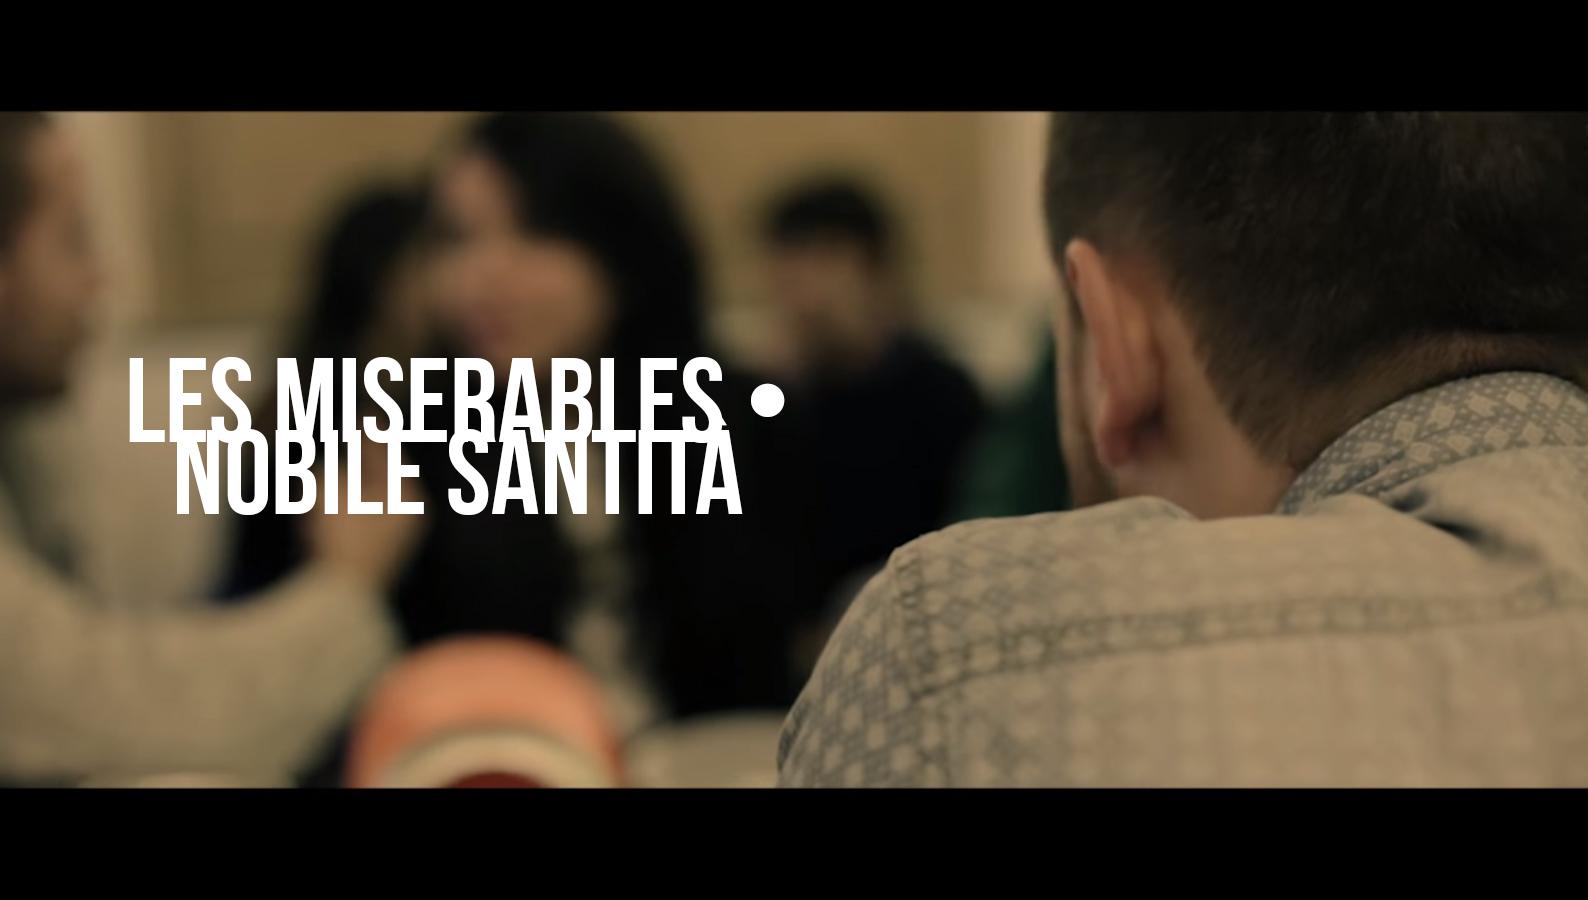 LES MISERABLES • Nobile Santità • Official Video